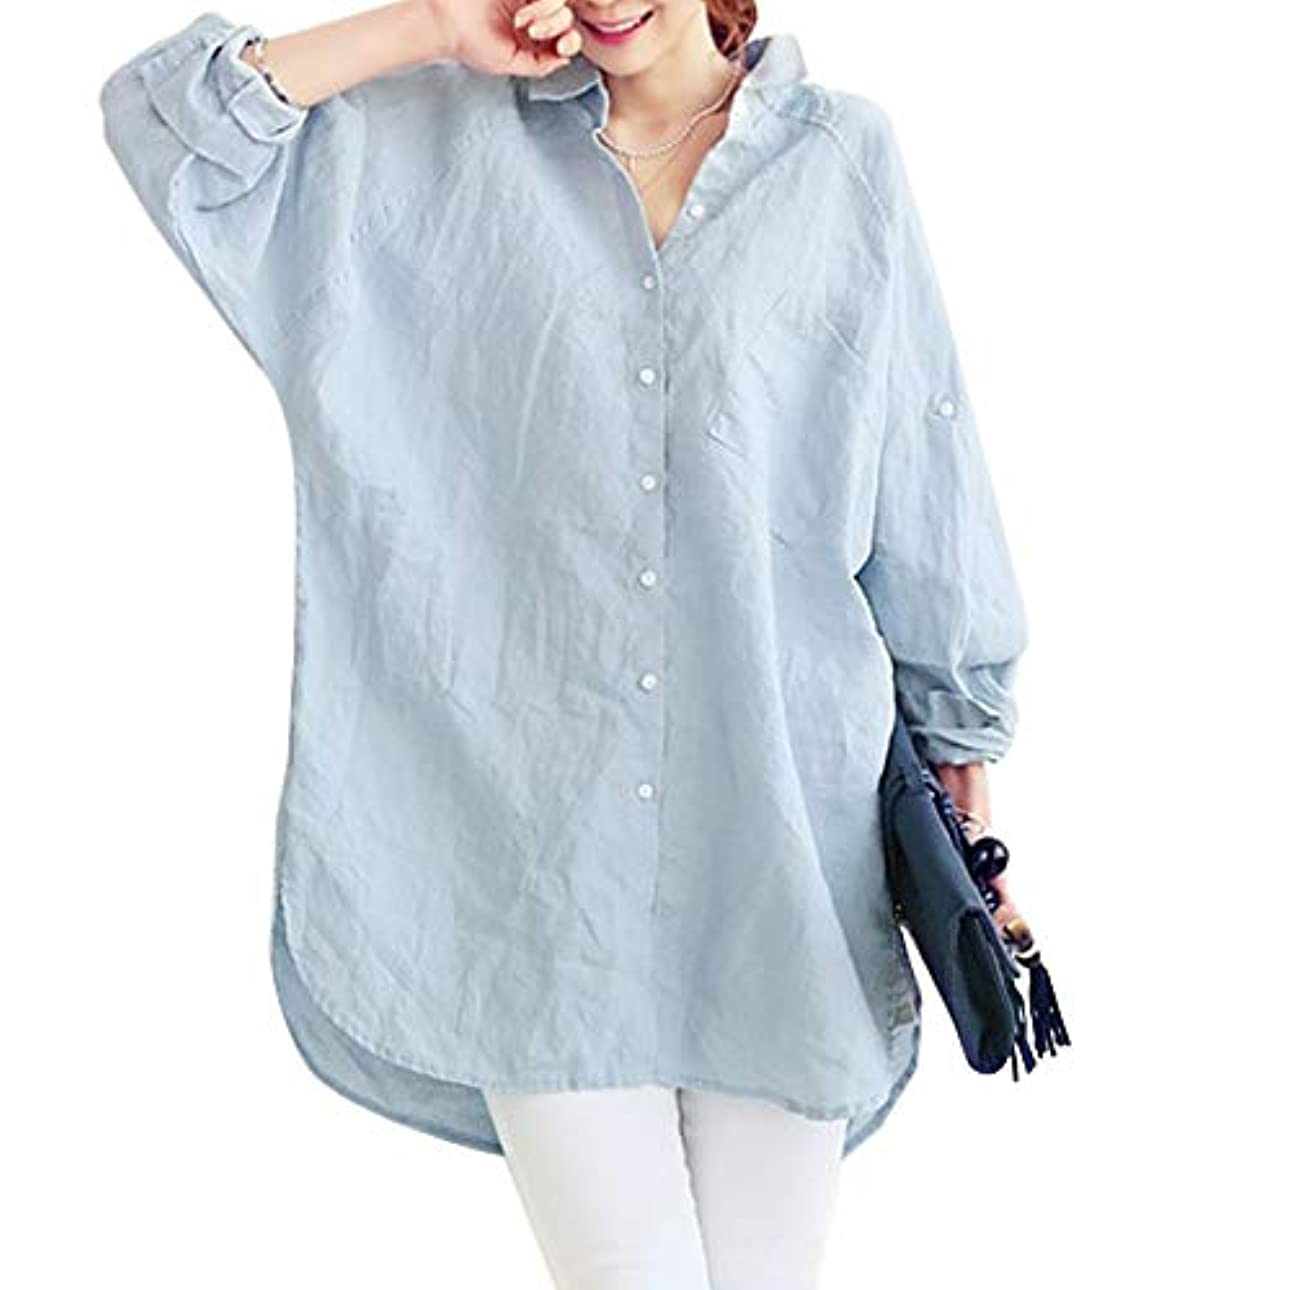 十年降下コジオスコ[ココチエ] シャツ ワンピ レディース ブラウス 長袖 ロング 水色 白 大きいサイズ おおきいサイズ おしゃれ ゆったり 体型カバー 前開き